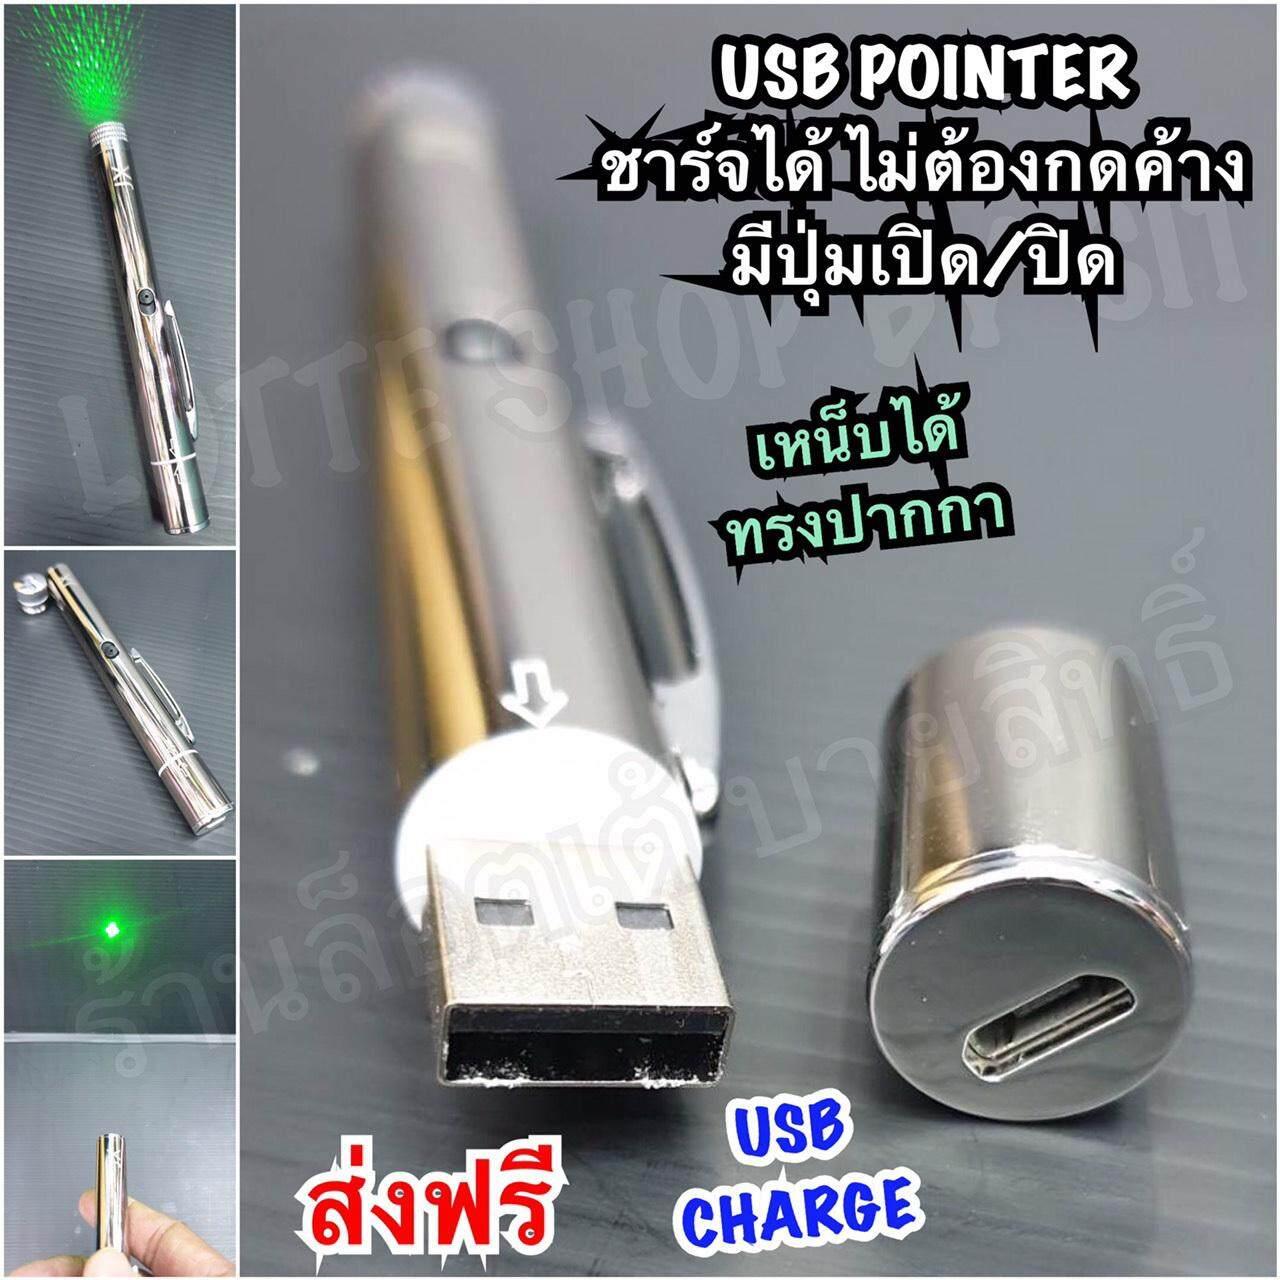 ปากกาเลเซอร์ Laser Pointer แสงสีเขียว ยิงแสงกระจายหลายแบบหรือแปลงเป็นแสงตรงได้ รุ่นชาร์จไฟในตัว มีปุ่มเปิดปิดไม่ต้องกดค้าง ขนาดยาว 12.5ซม.(สีเงิน).